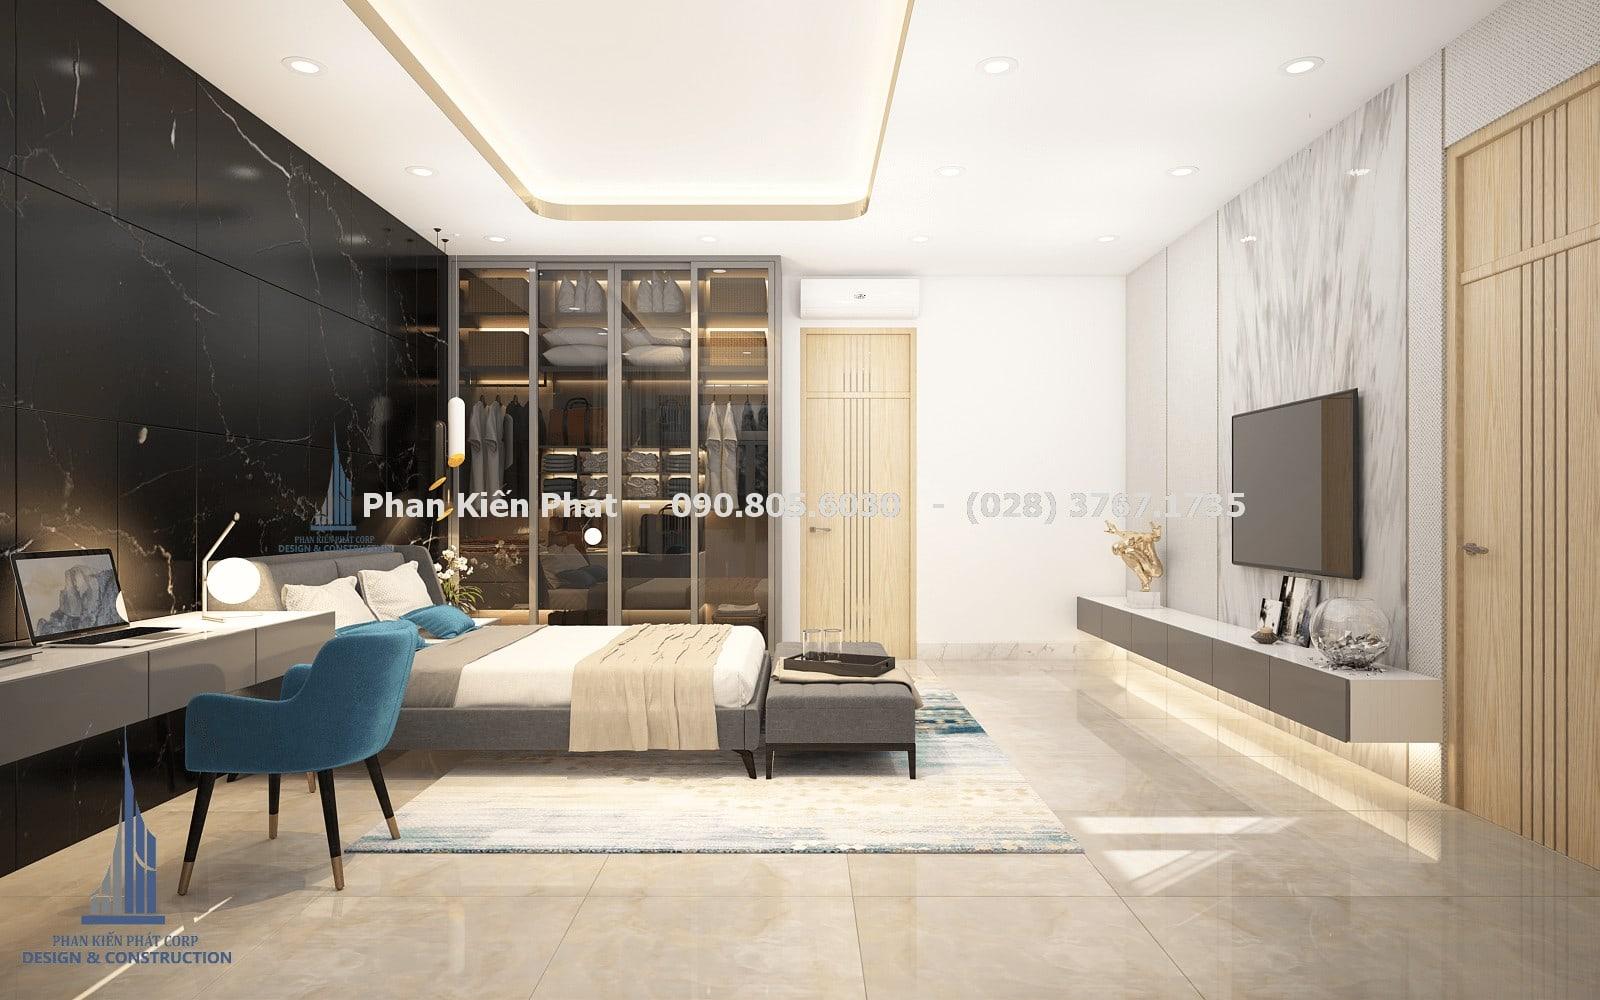 Thiết kế phòng ngủ nam 2 đẹp với mẫu biệt thự phố 5 tầng góc 3